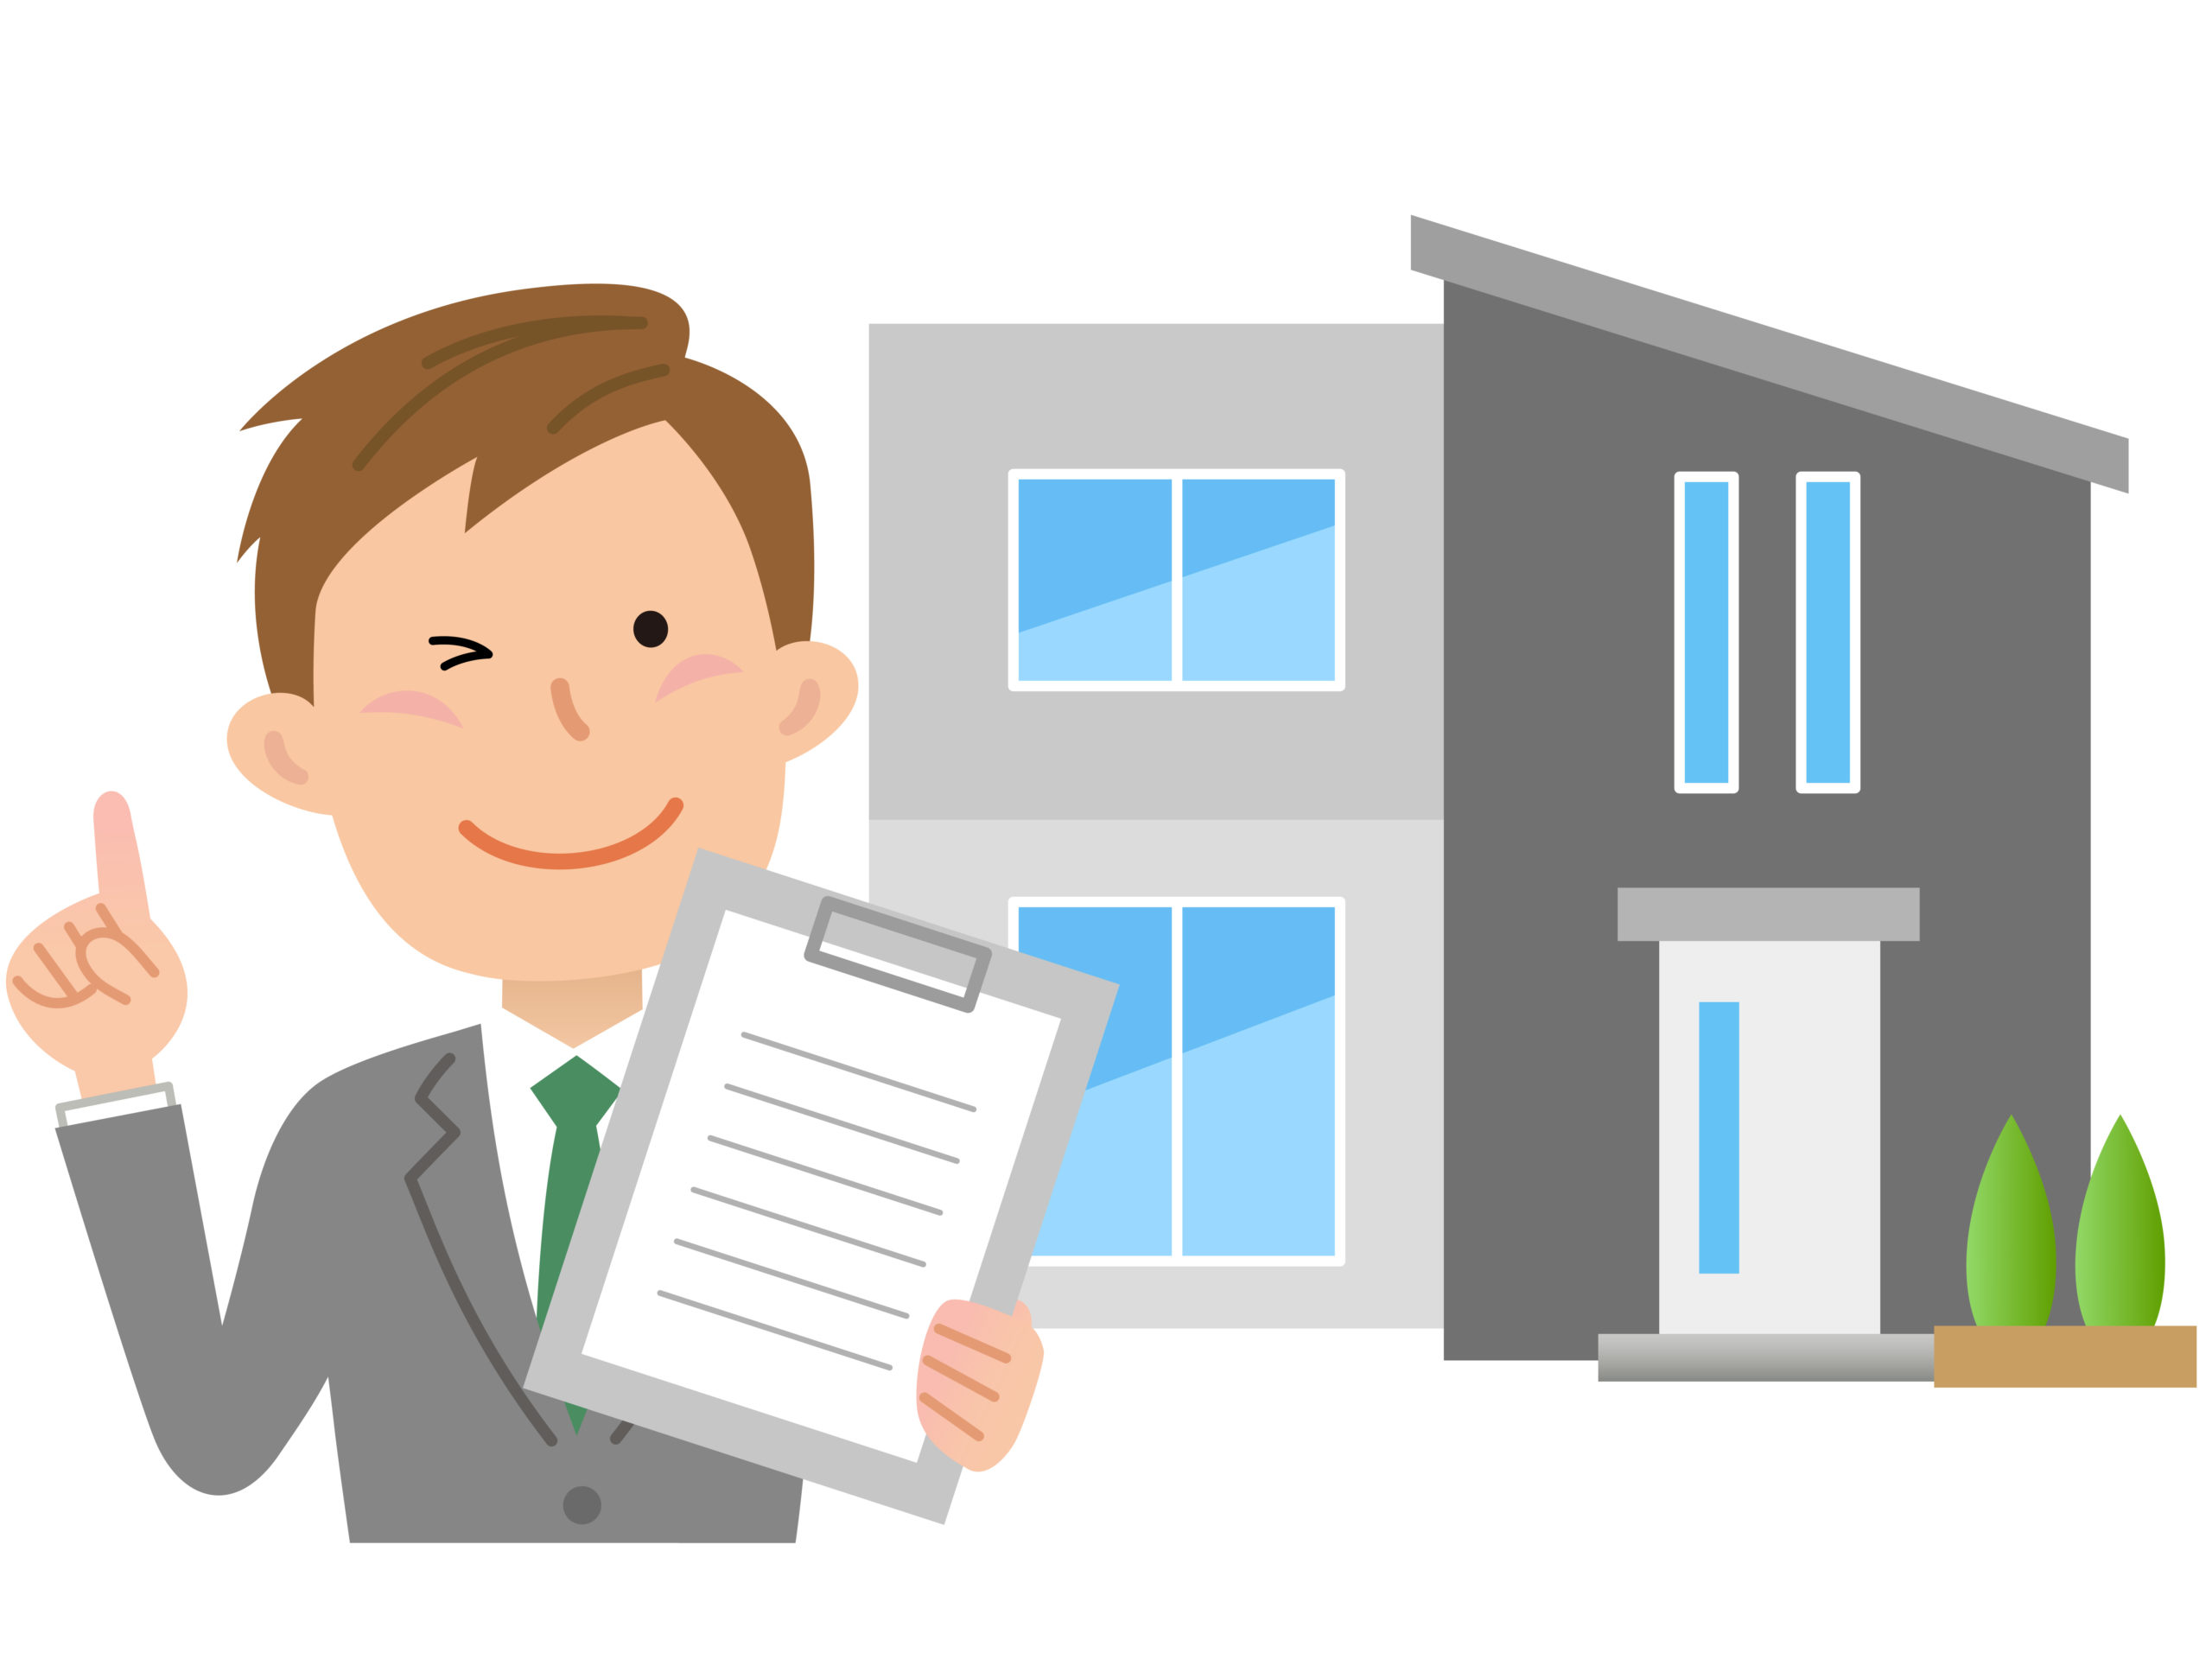 中古住宅を購入『契約、ローン、引き渡しまでの流れと気を付けるポイント』